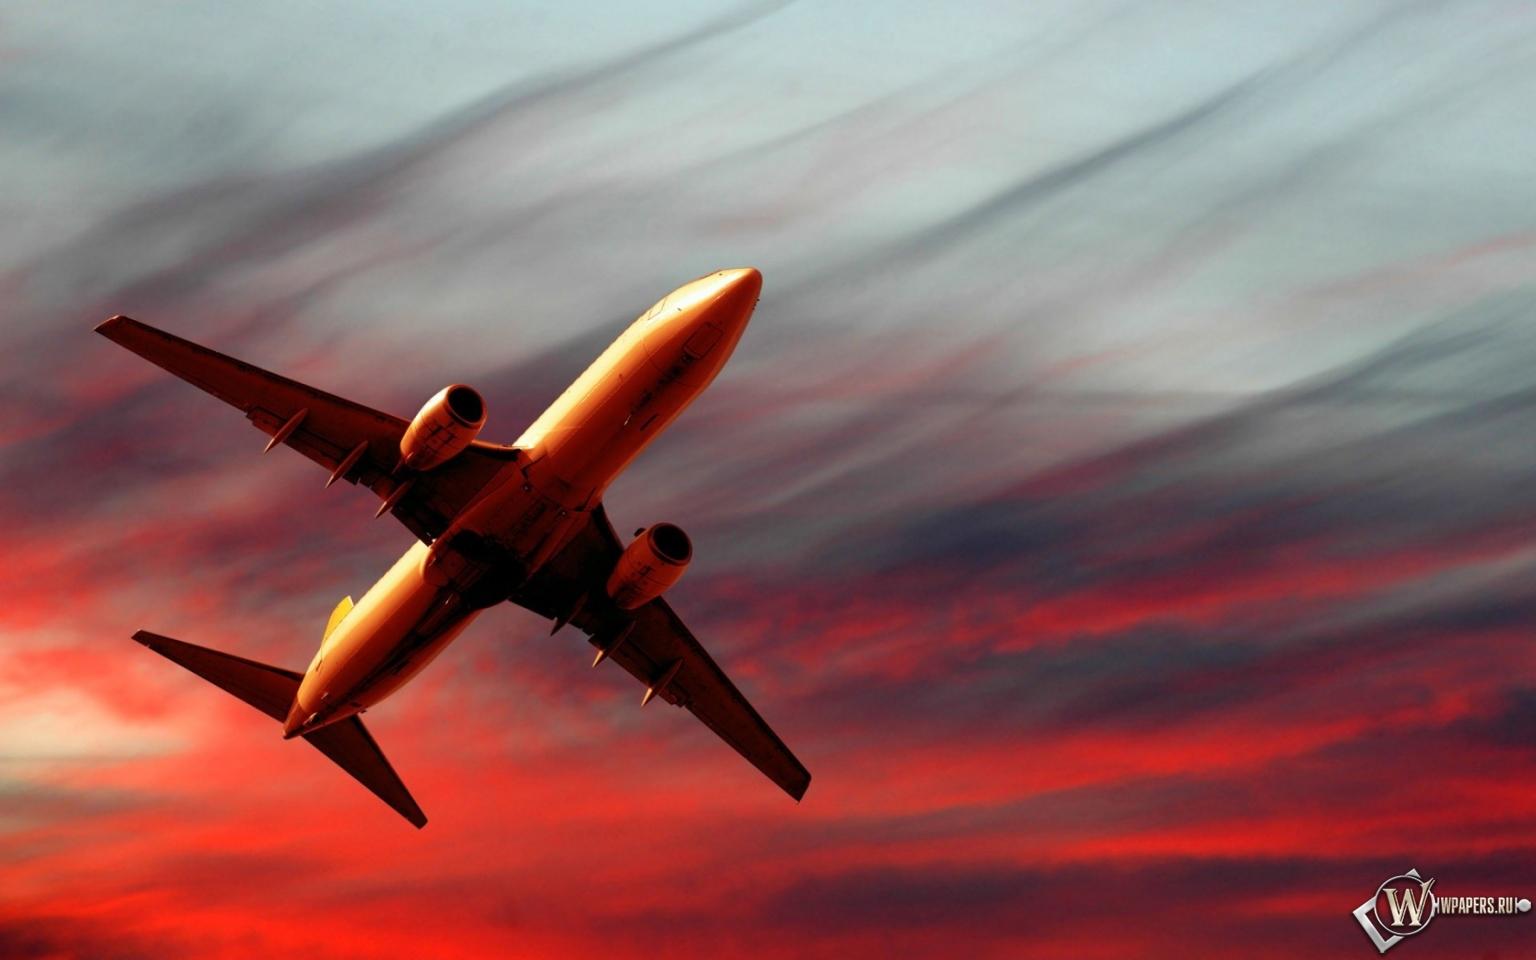 Полет самолета на закате 1536x960